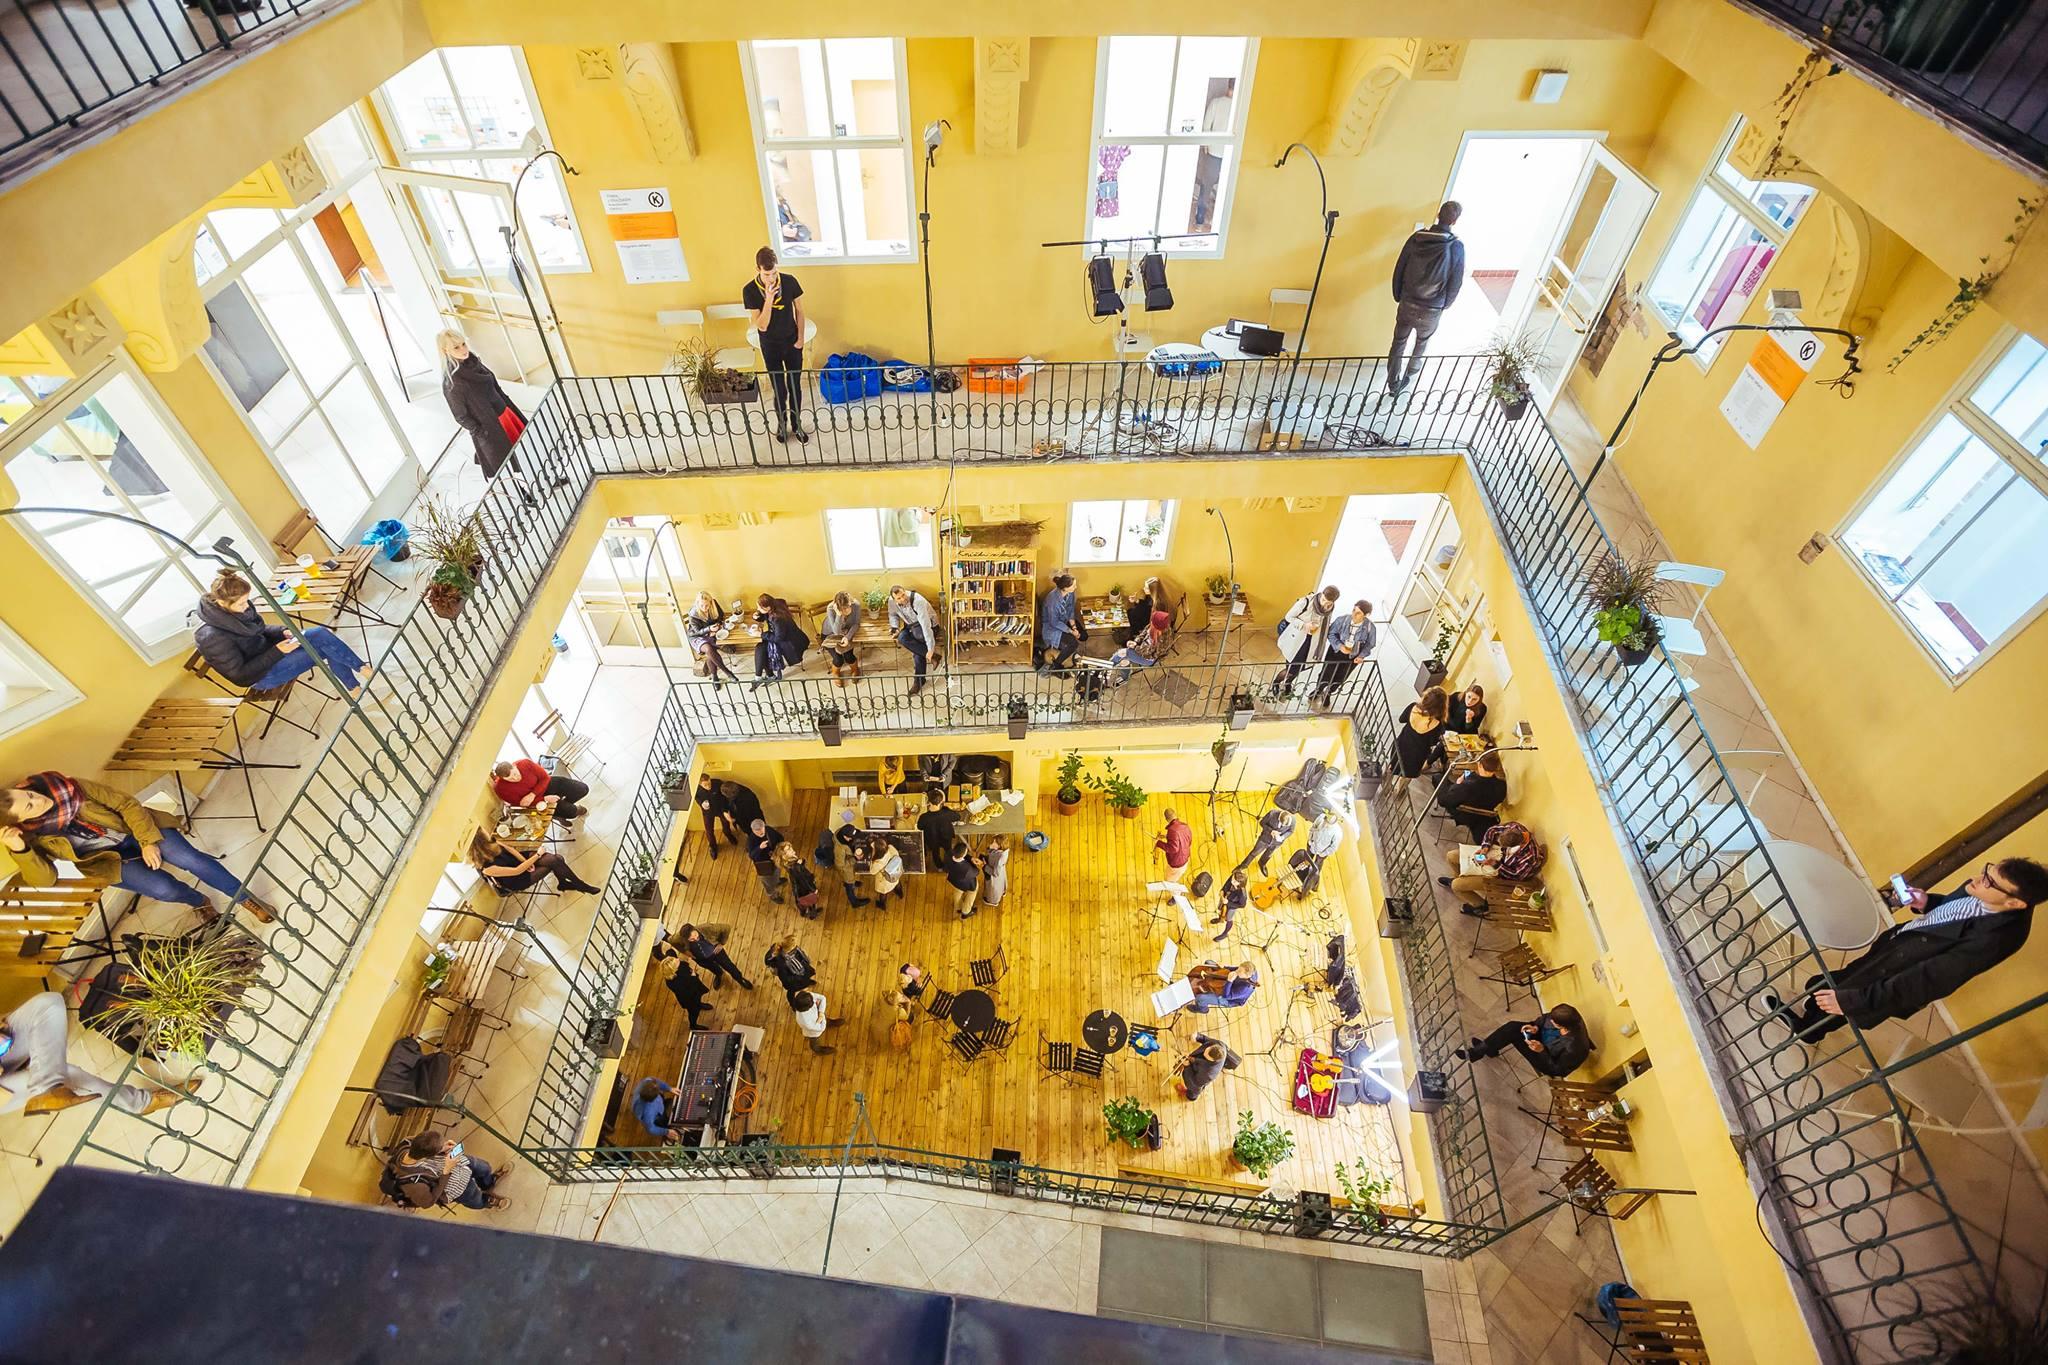 Pražské kreativní centrum, foto: Institut plánování a rozvoje Prahy - IPR